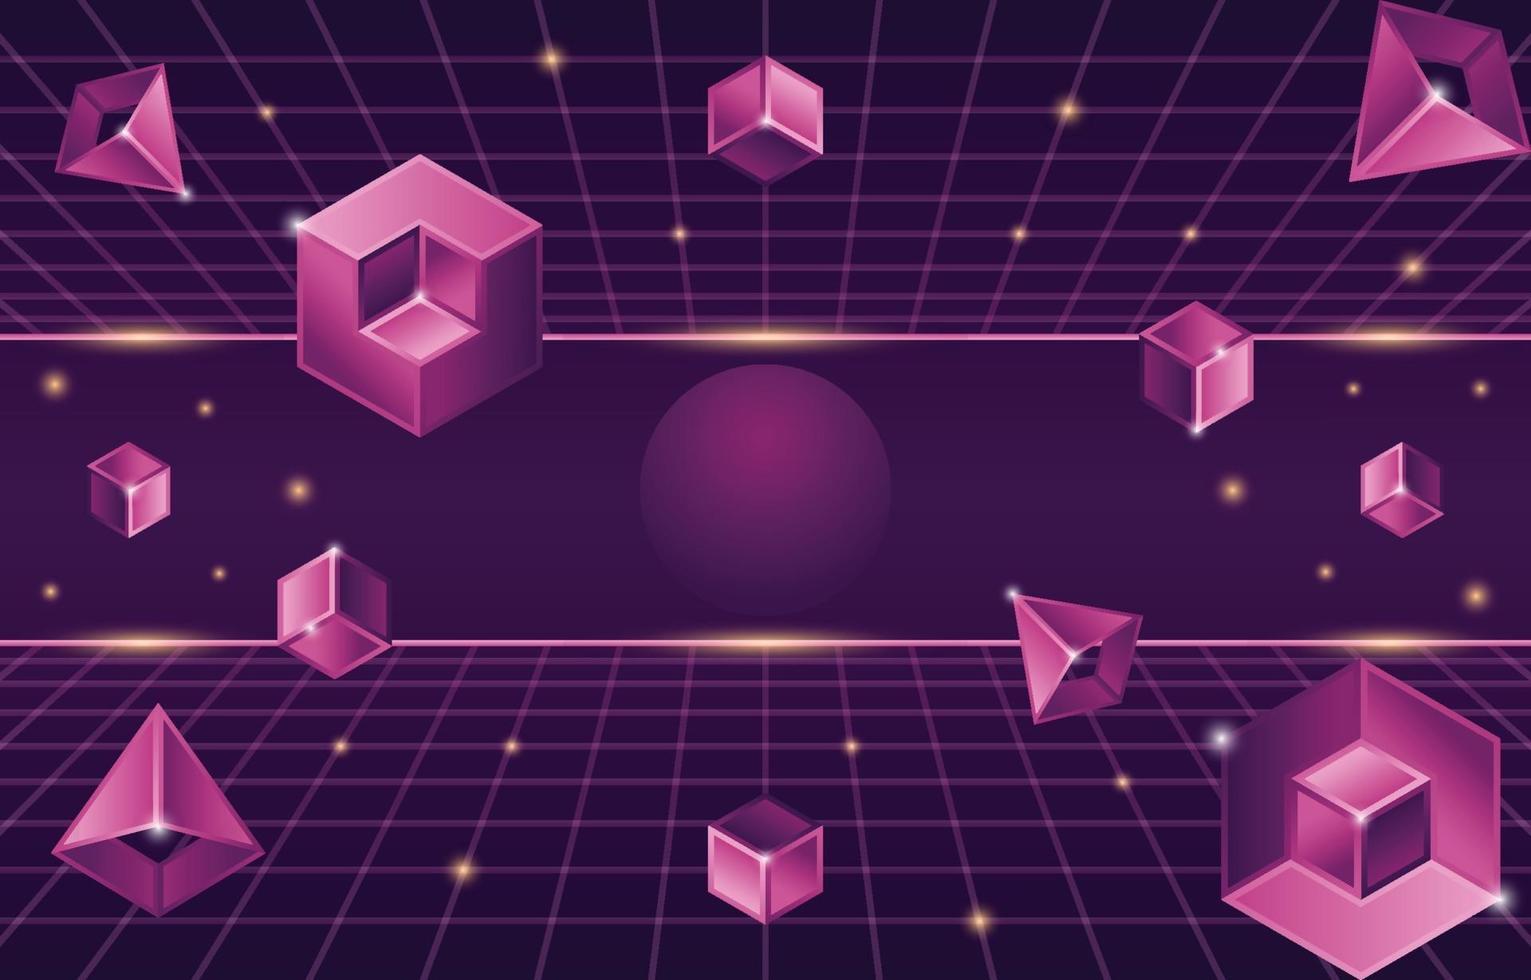 sfondo futurismo retrò con elementi geometrici 3d vettore